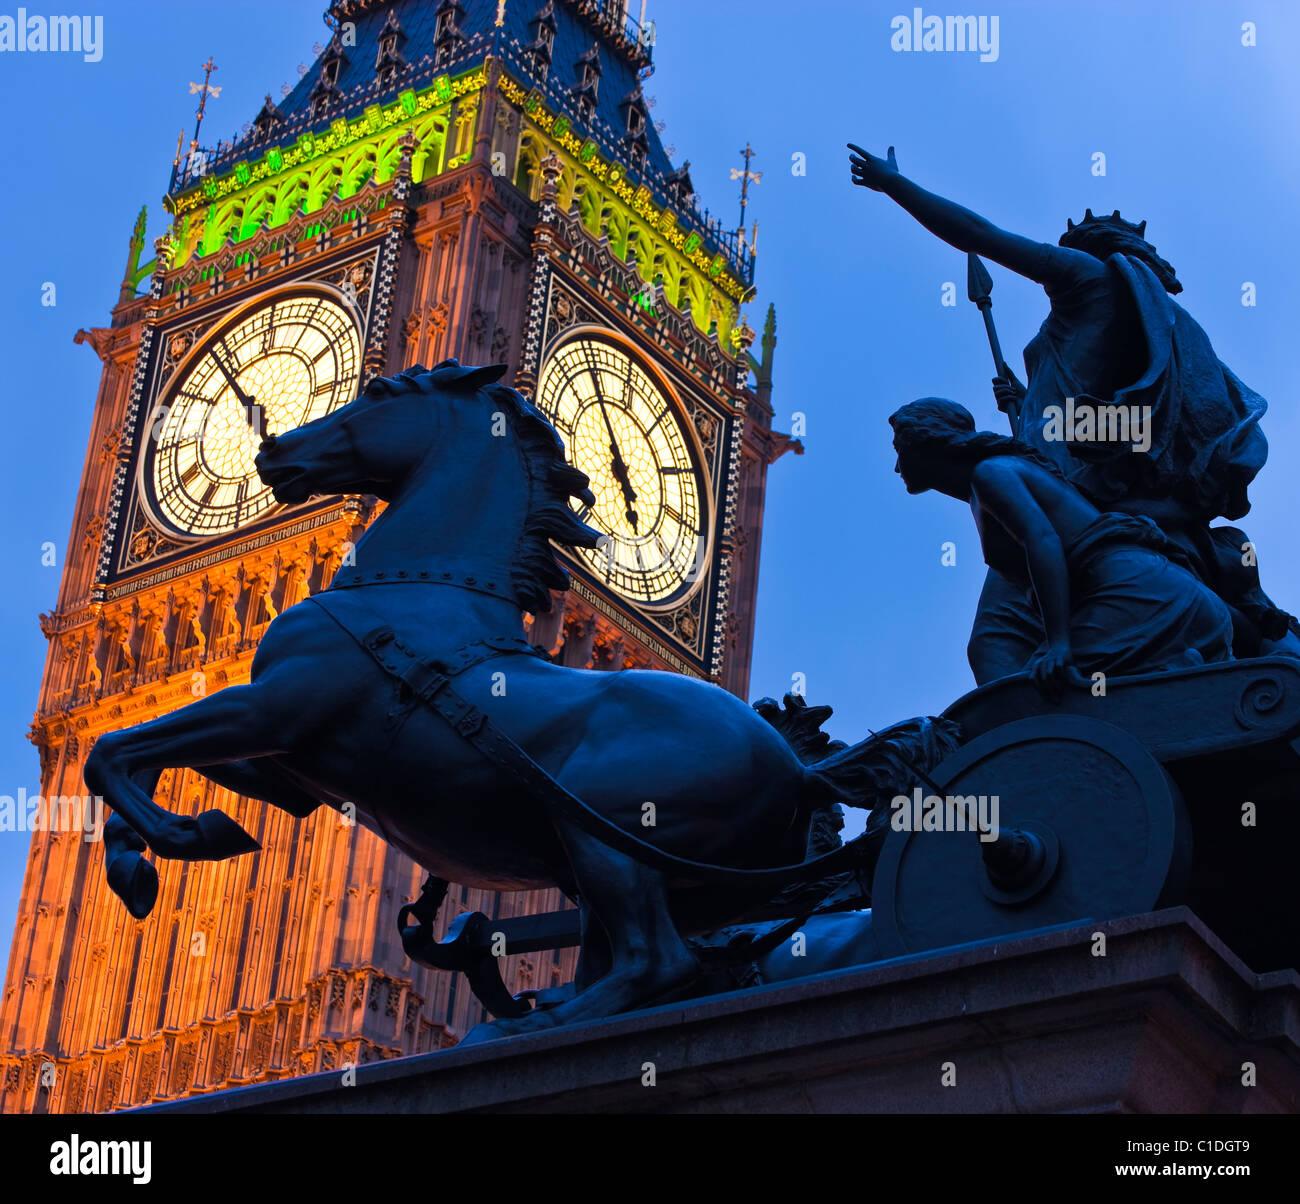 El Big Ben y Boadicea's chariot Westminster Londres England Reino Unido en luz del atardecer Imagen De Stock